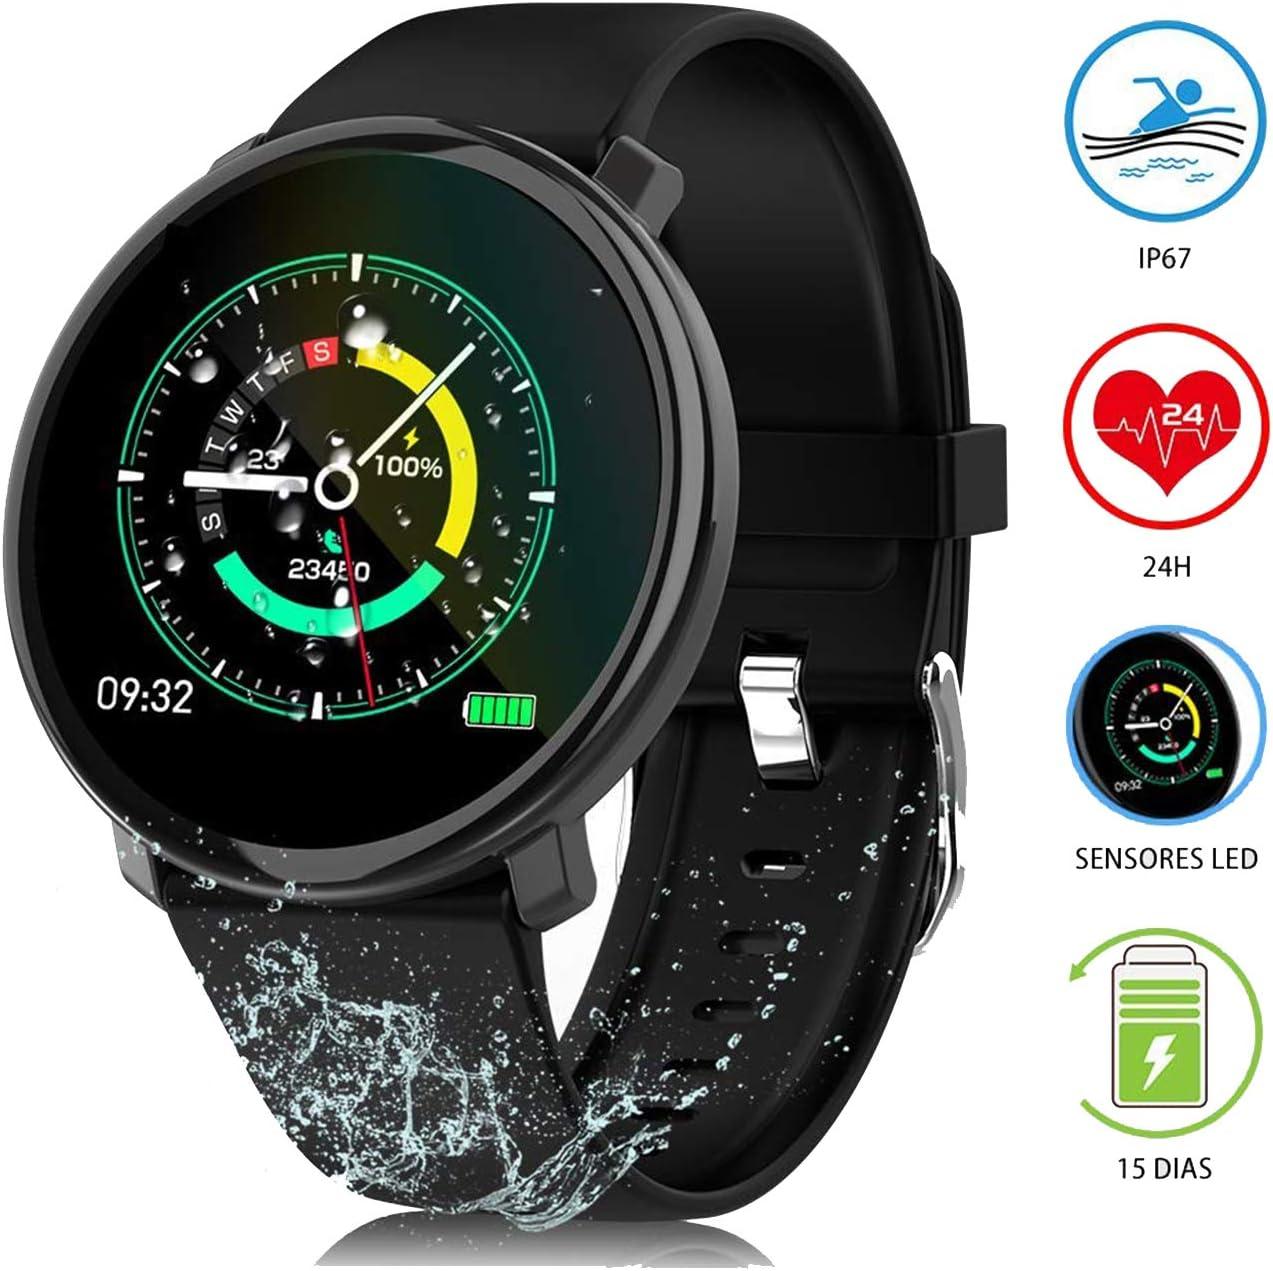 Ideal Swan Reloj Inteligentes Mujer Hombre Deportivos Smartwatch Impermeable IP67 Pulsera Actividad Fitness Tracker con Pulsómetro, Monitor de Sueño, Podómetro para iOS y Android